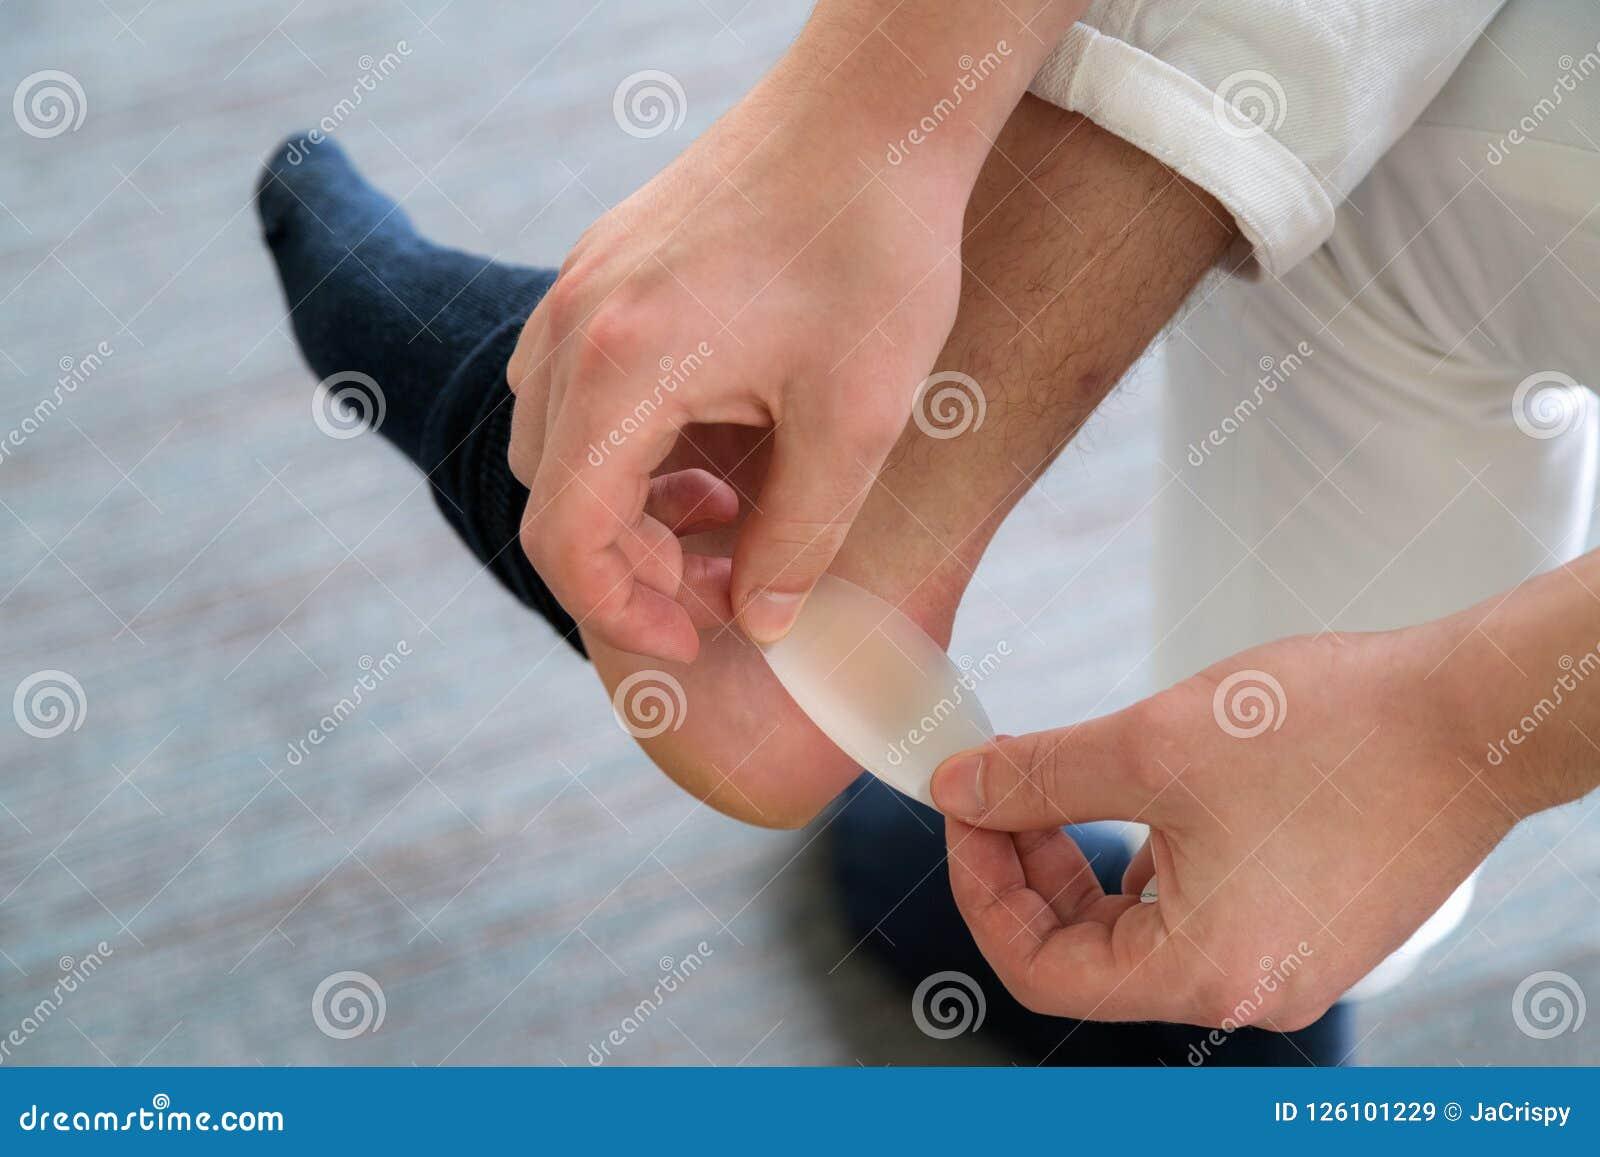 Schmerzliche Fersenwunde bemannt an die Füße, die durch neue Schuhe verursacht werden Bemannt Hände